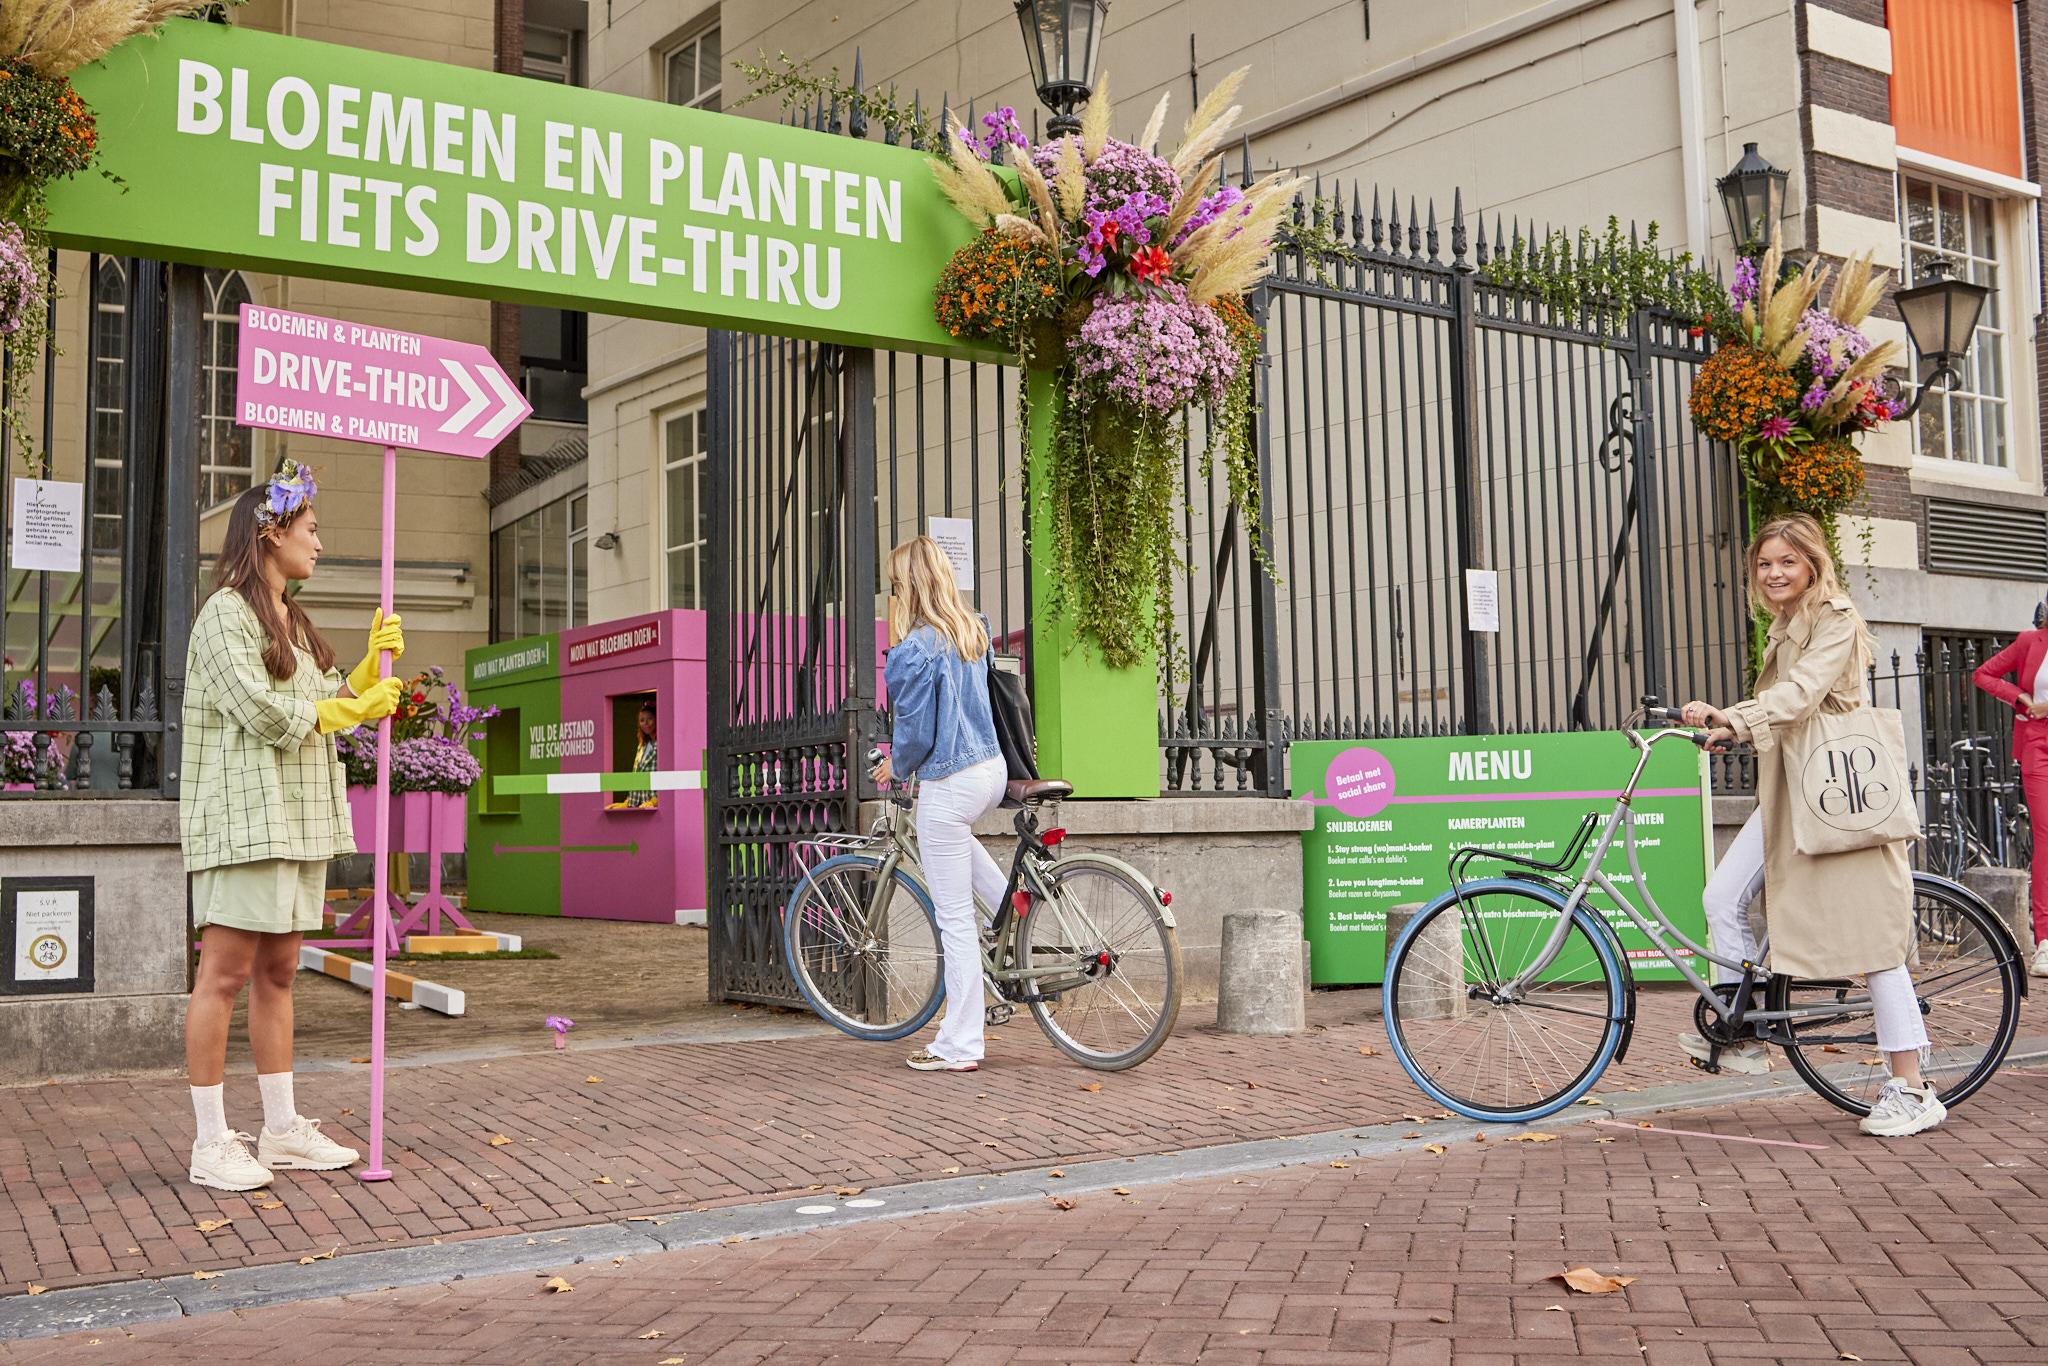 'Vul de afstand met schoonheid' Bloemen en Planten Fiets Drive_Thru in Amsterdam